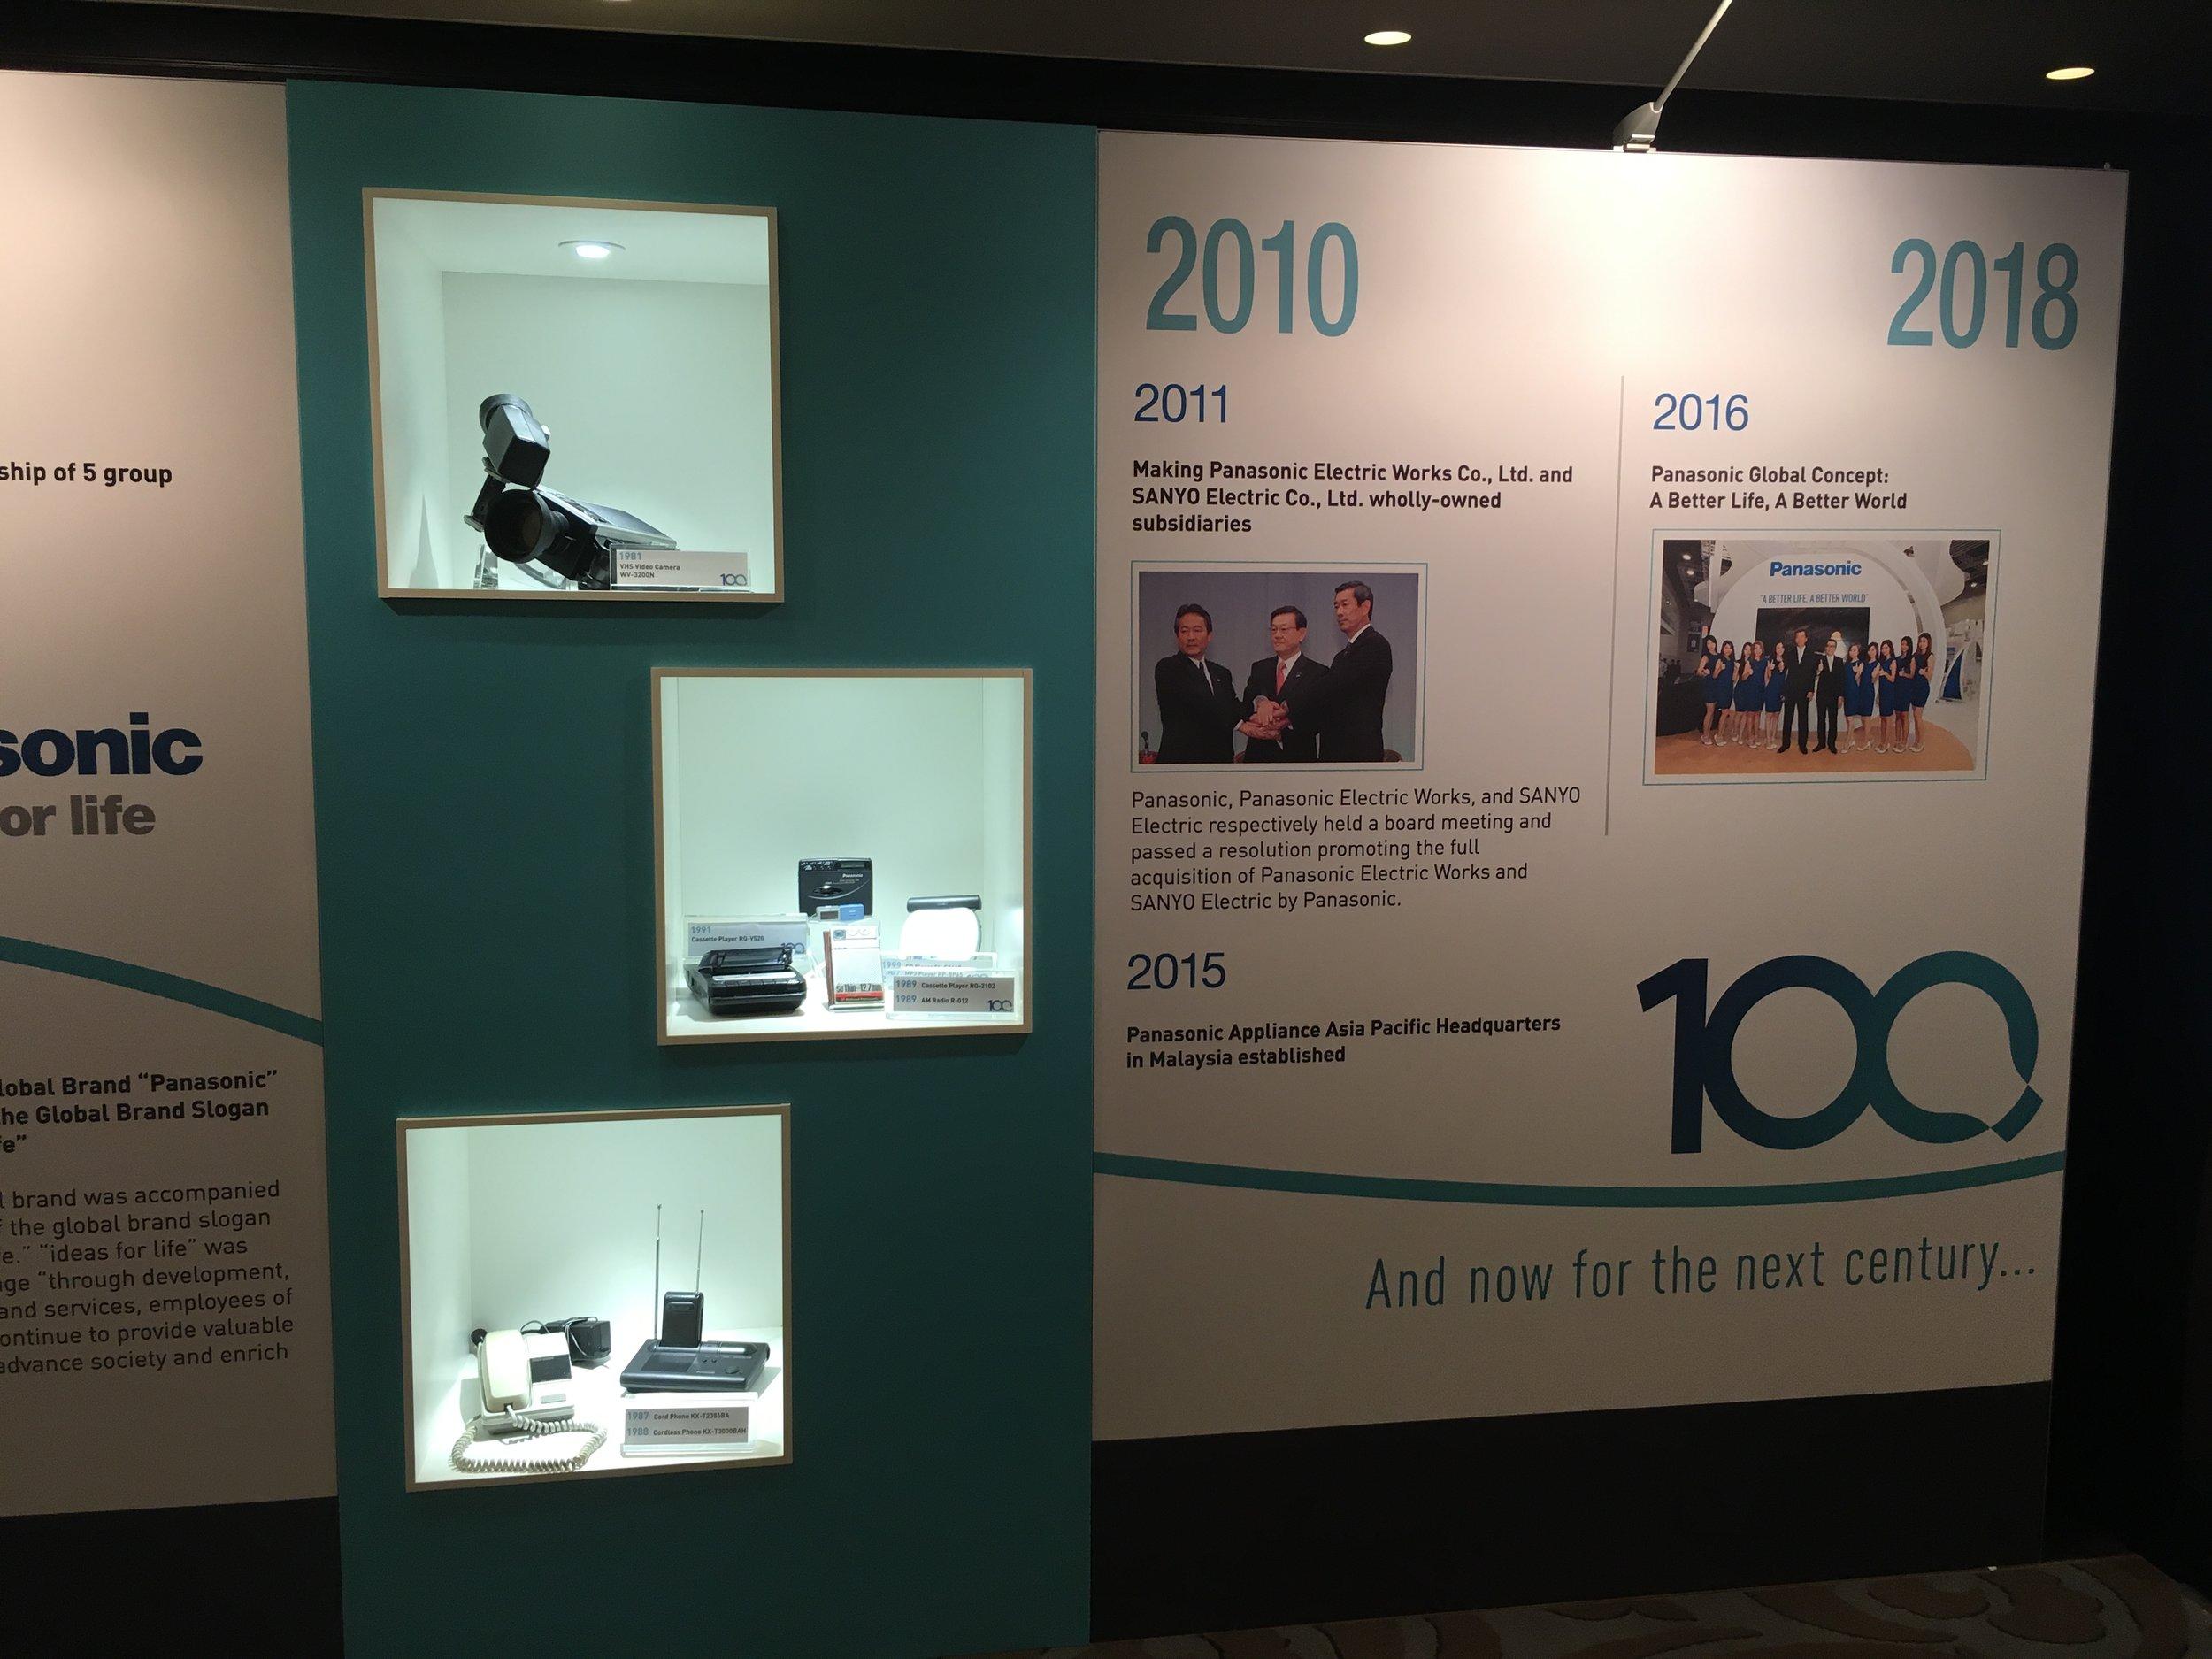 Panasonic Centenary History Wall